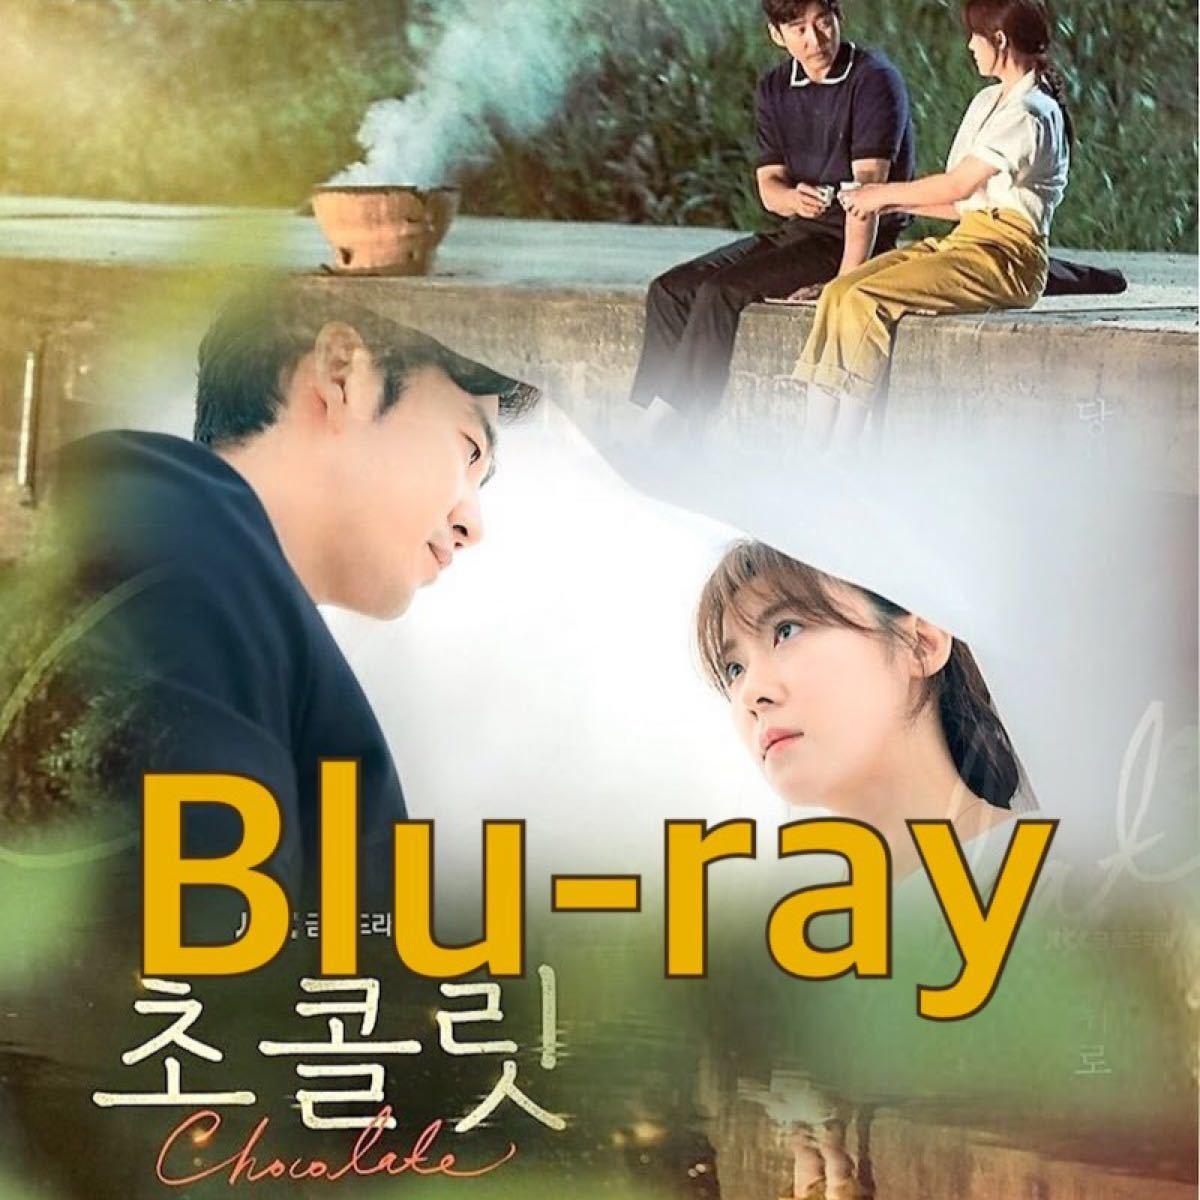 韓国ドラマ チョコレート *Blu-ray